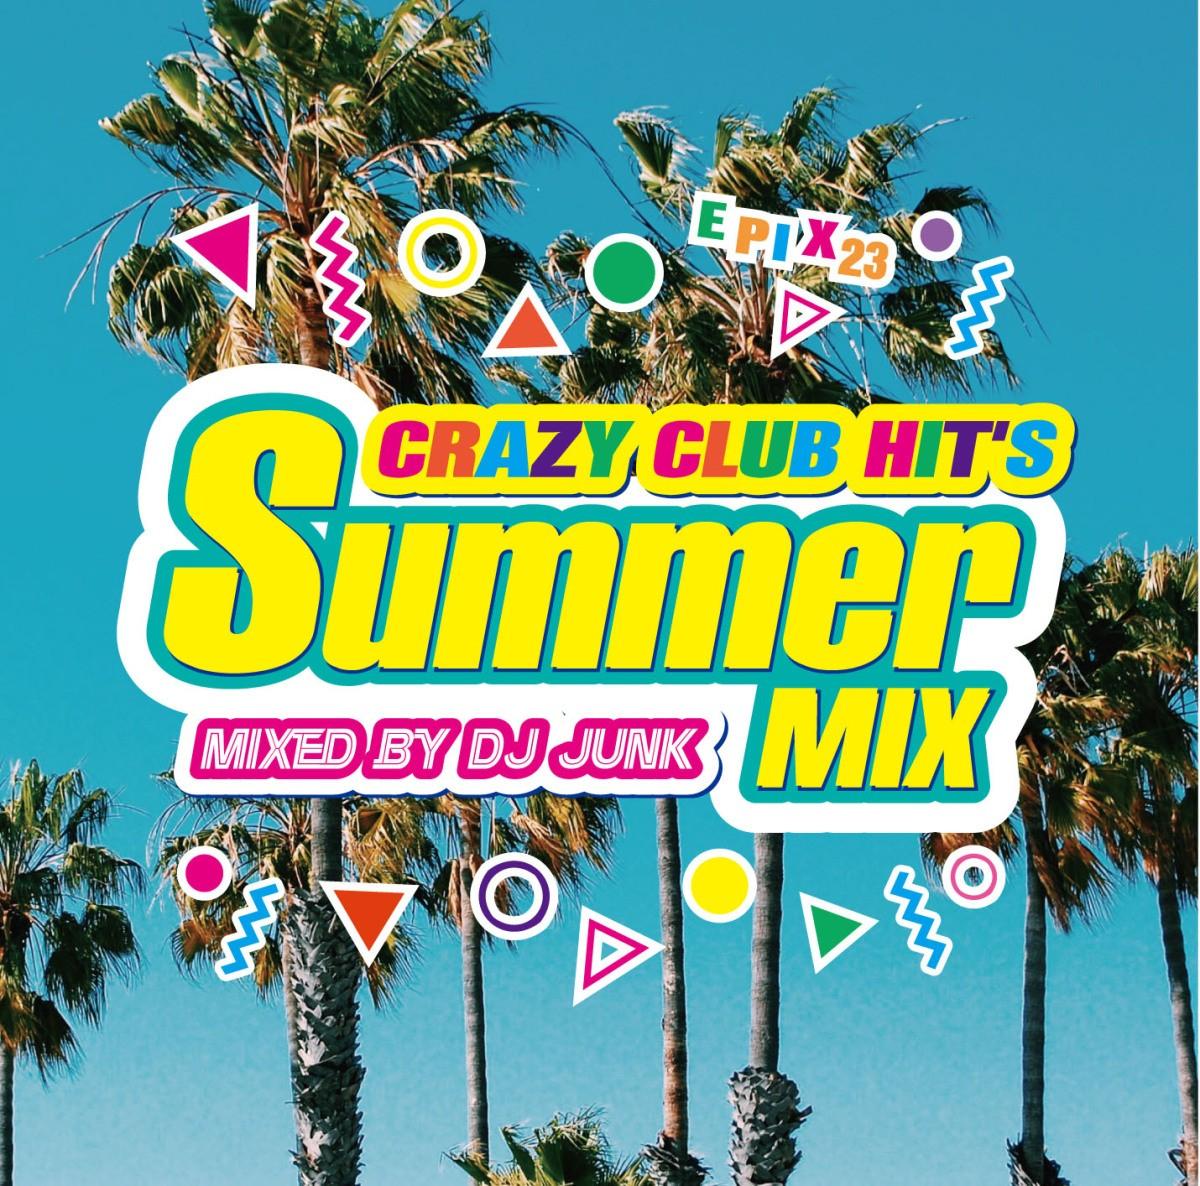 サマー・夏・フィフスハーモニー・カルヴィンハリス・チェインスモーカーズEpix 23 -Crazy Club Hit's Summer Mix- / DJ Junk